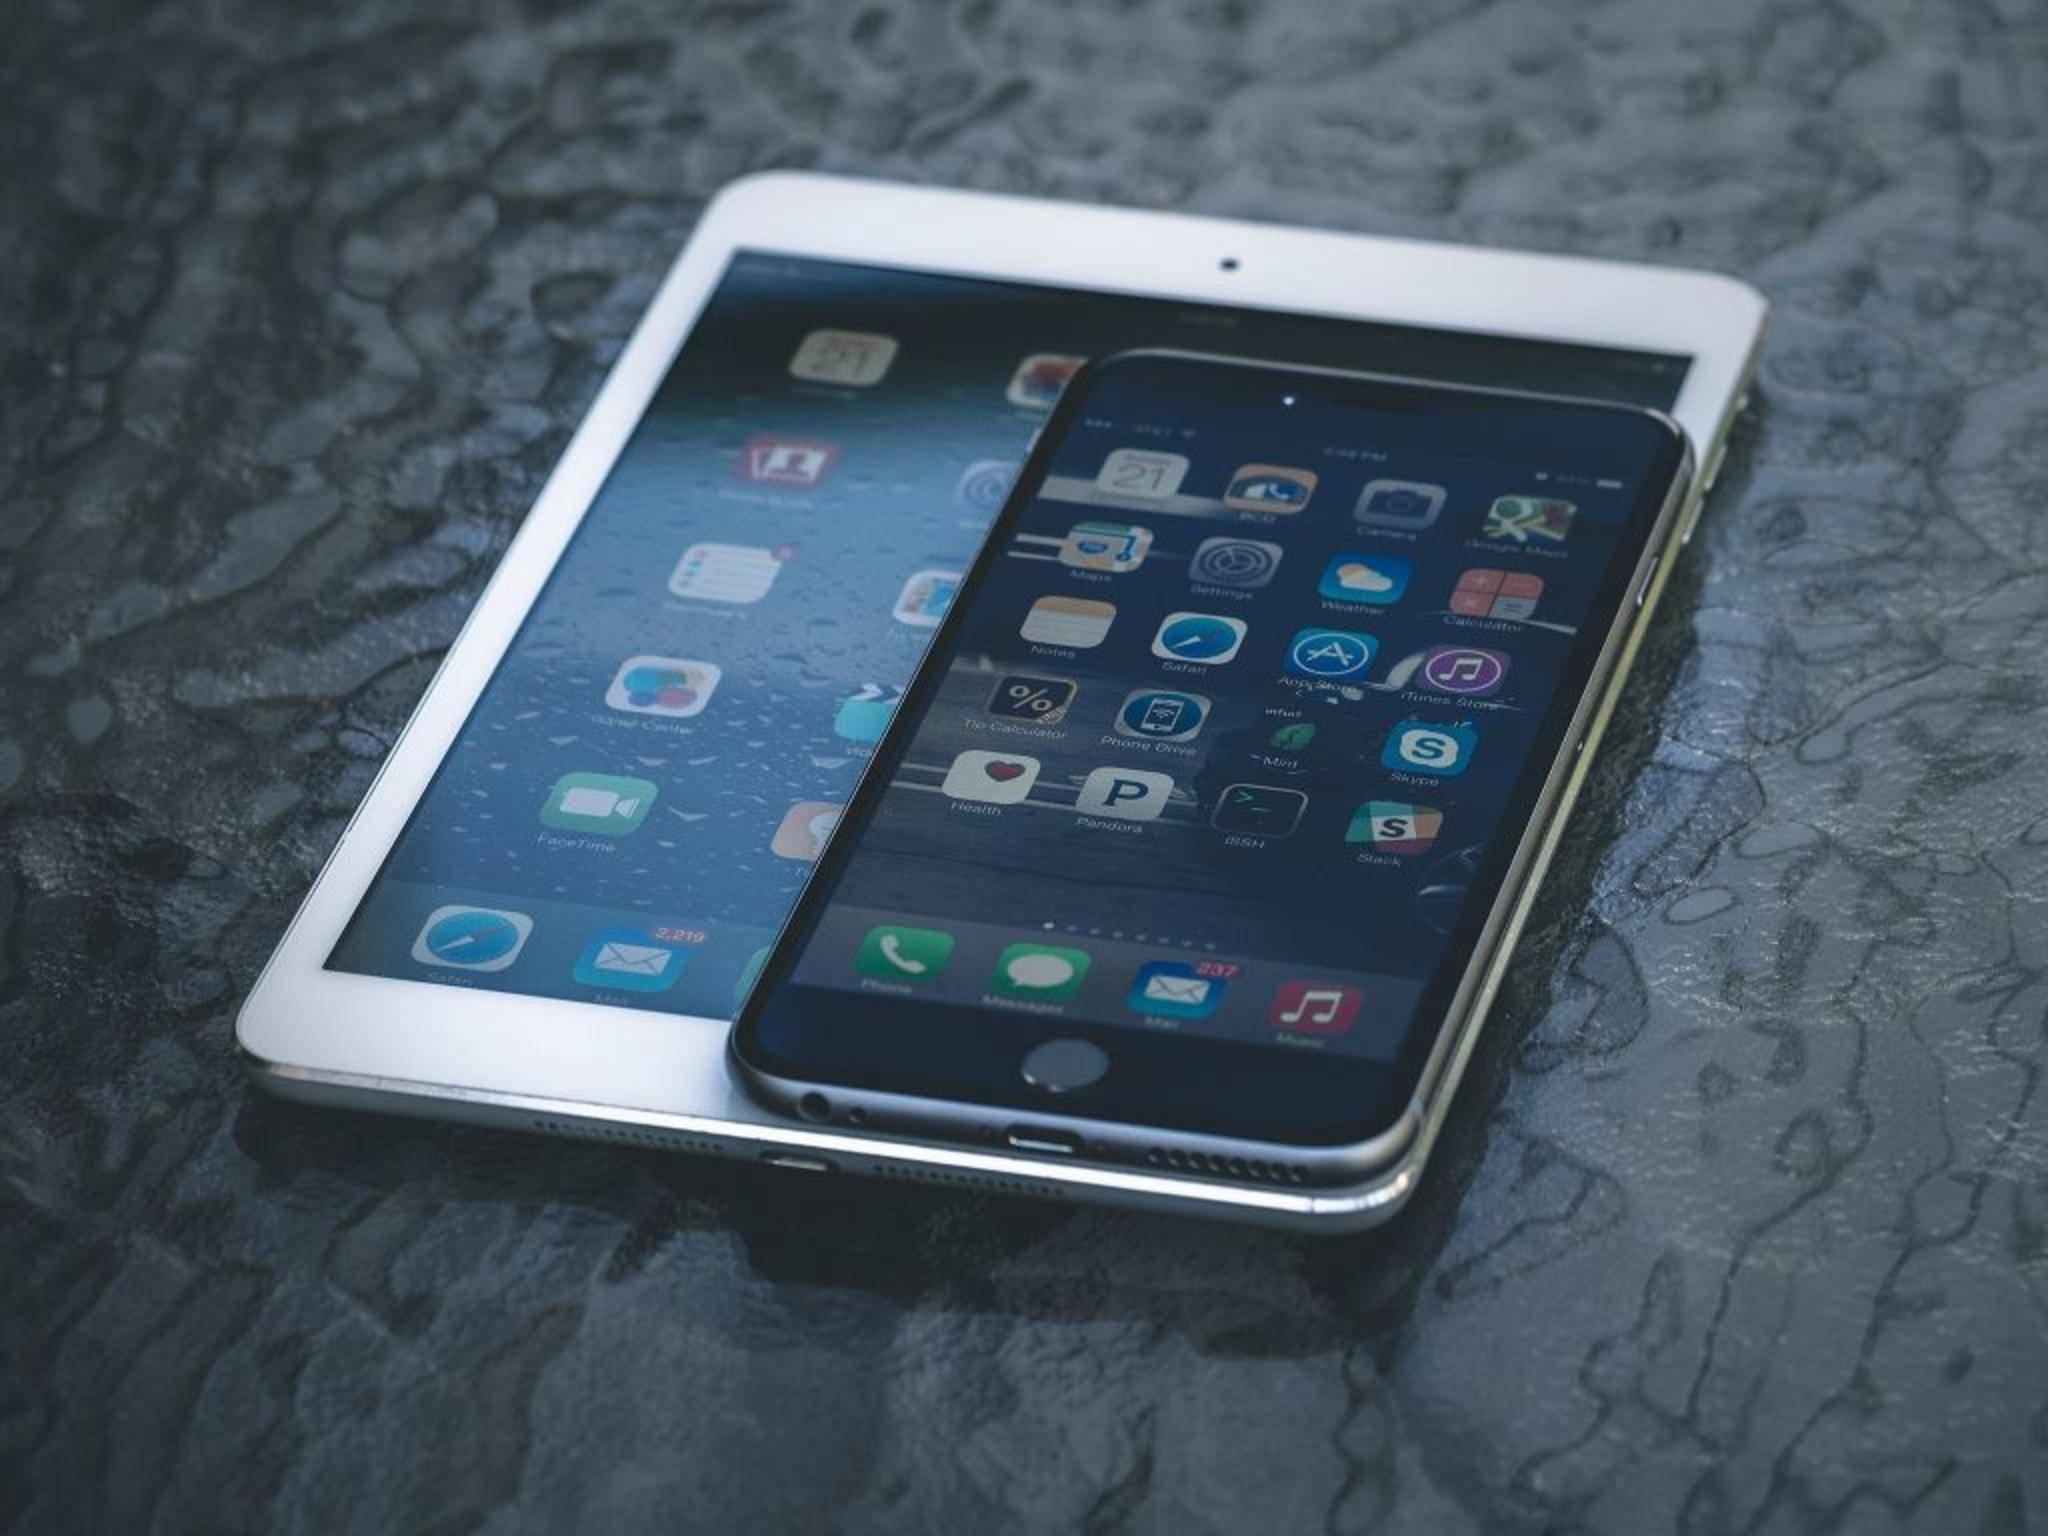 Wer iOS 8 nutzt, muss dafür auf bis zu 3,5 Gigabyte Speicher verzichten.